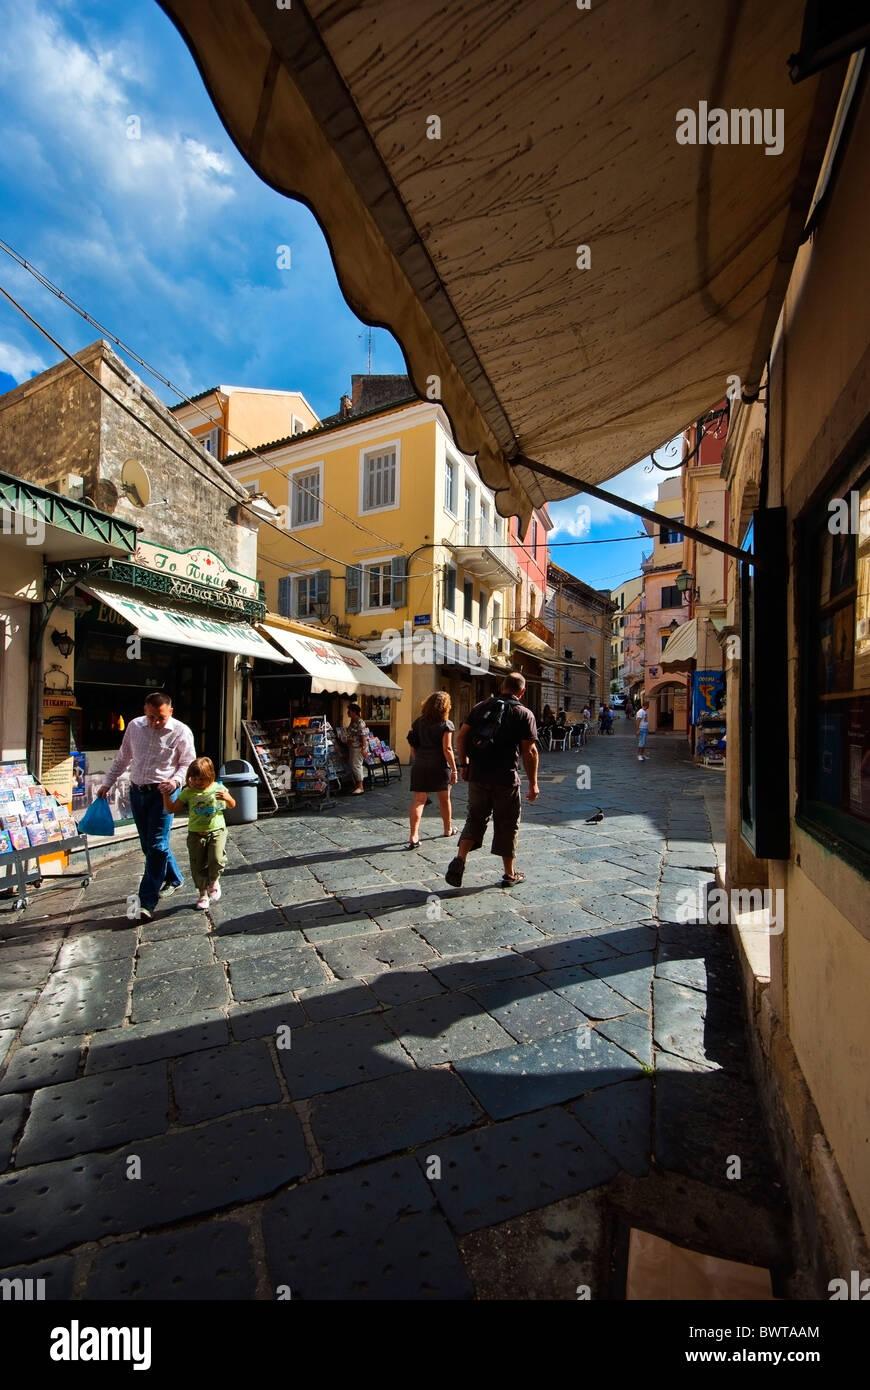 Street scene in Corfu Town, Ionian Islands Greece. - Stock Image